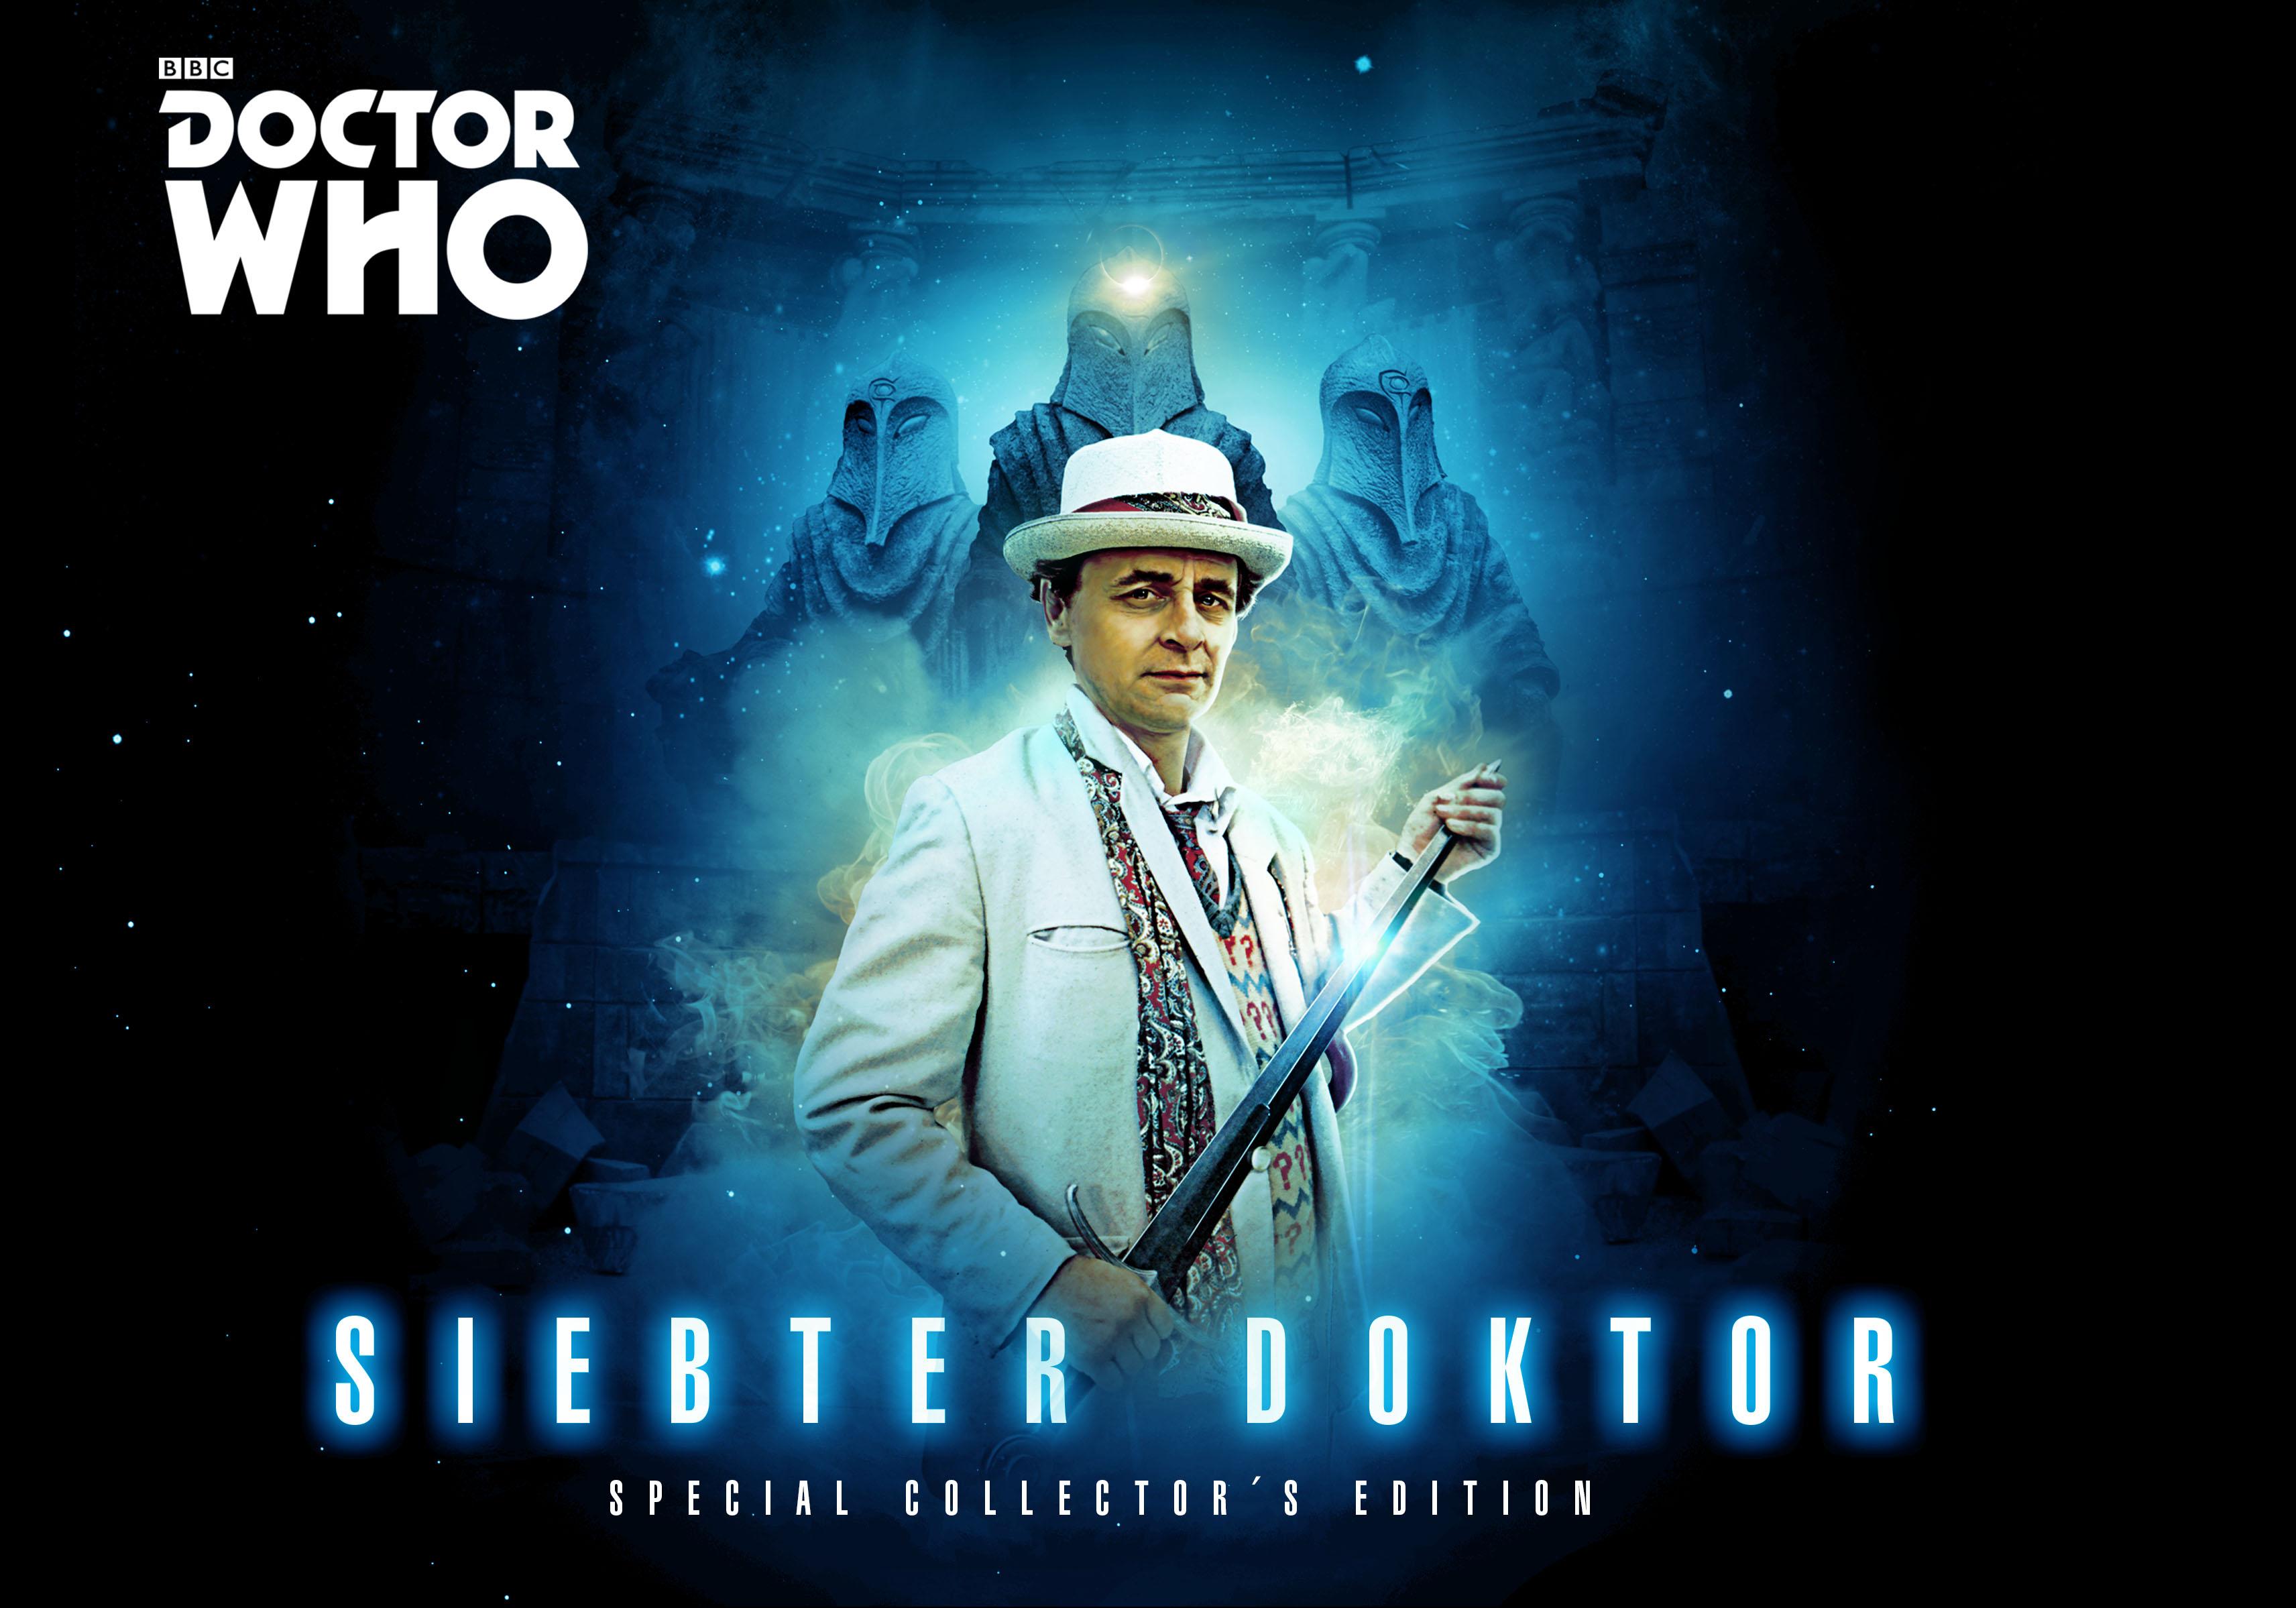 Siebter Doktor - Special Collectors Edition